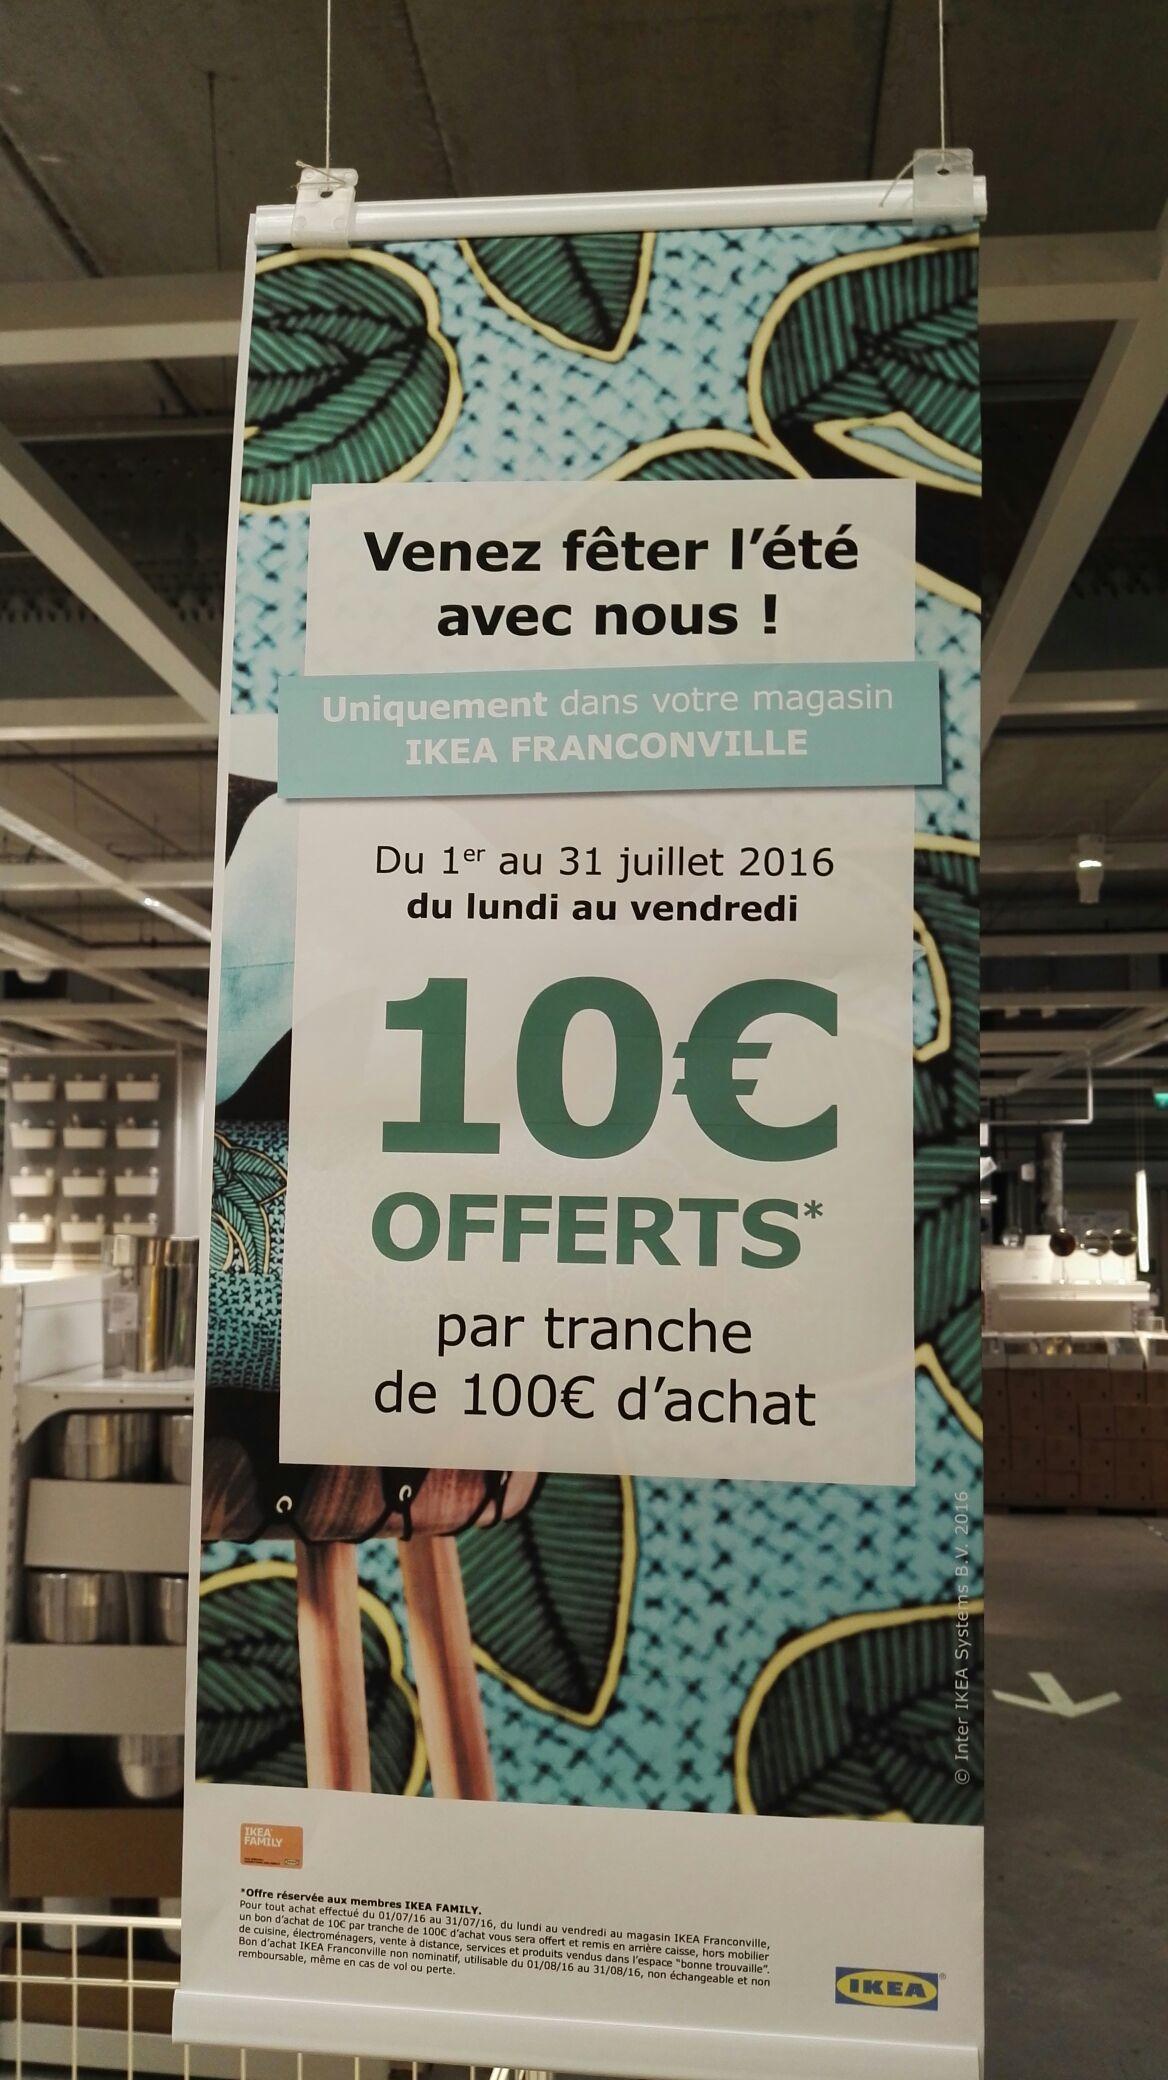 [Ikea Family] 10€ offerts en bon d'achat par tranche de 100€ d'achat